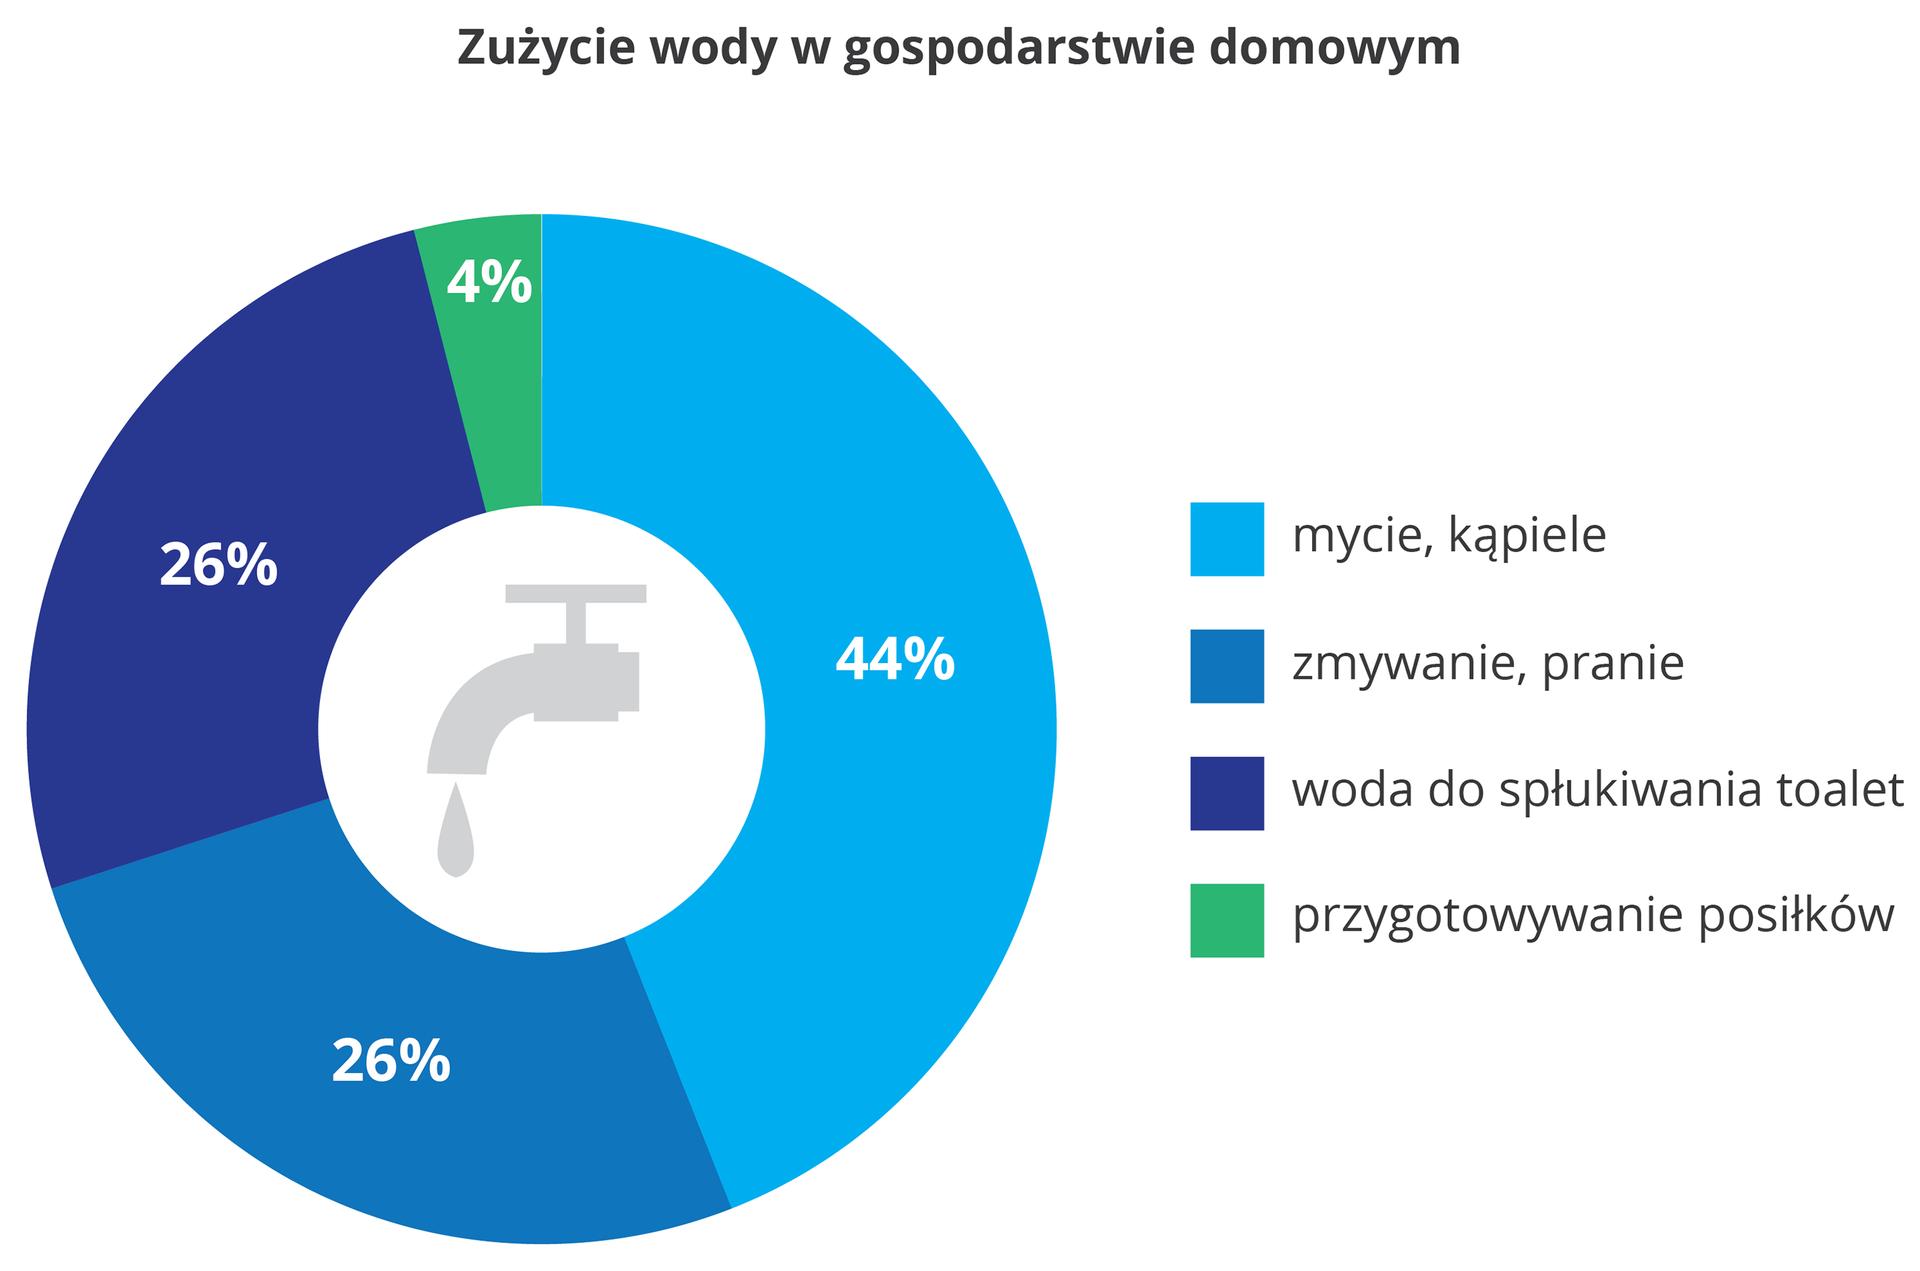 Diagram pierścieniowy wodcieniach niebieskiego zszarym kranem wcentrum przedstawia zużycie wody wgospodarstwie domowym. 44% zużywane jest na mycie ikąpiele. Po 26% zużywamy na zmywanie ipranie oraz spłukiwanie toalet. 4% wody zużywane jest do przygotowania posiłków.